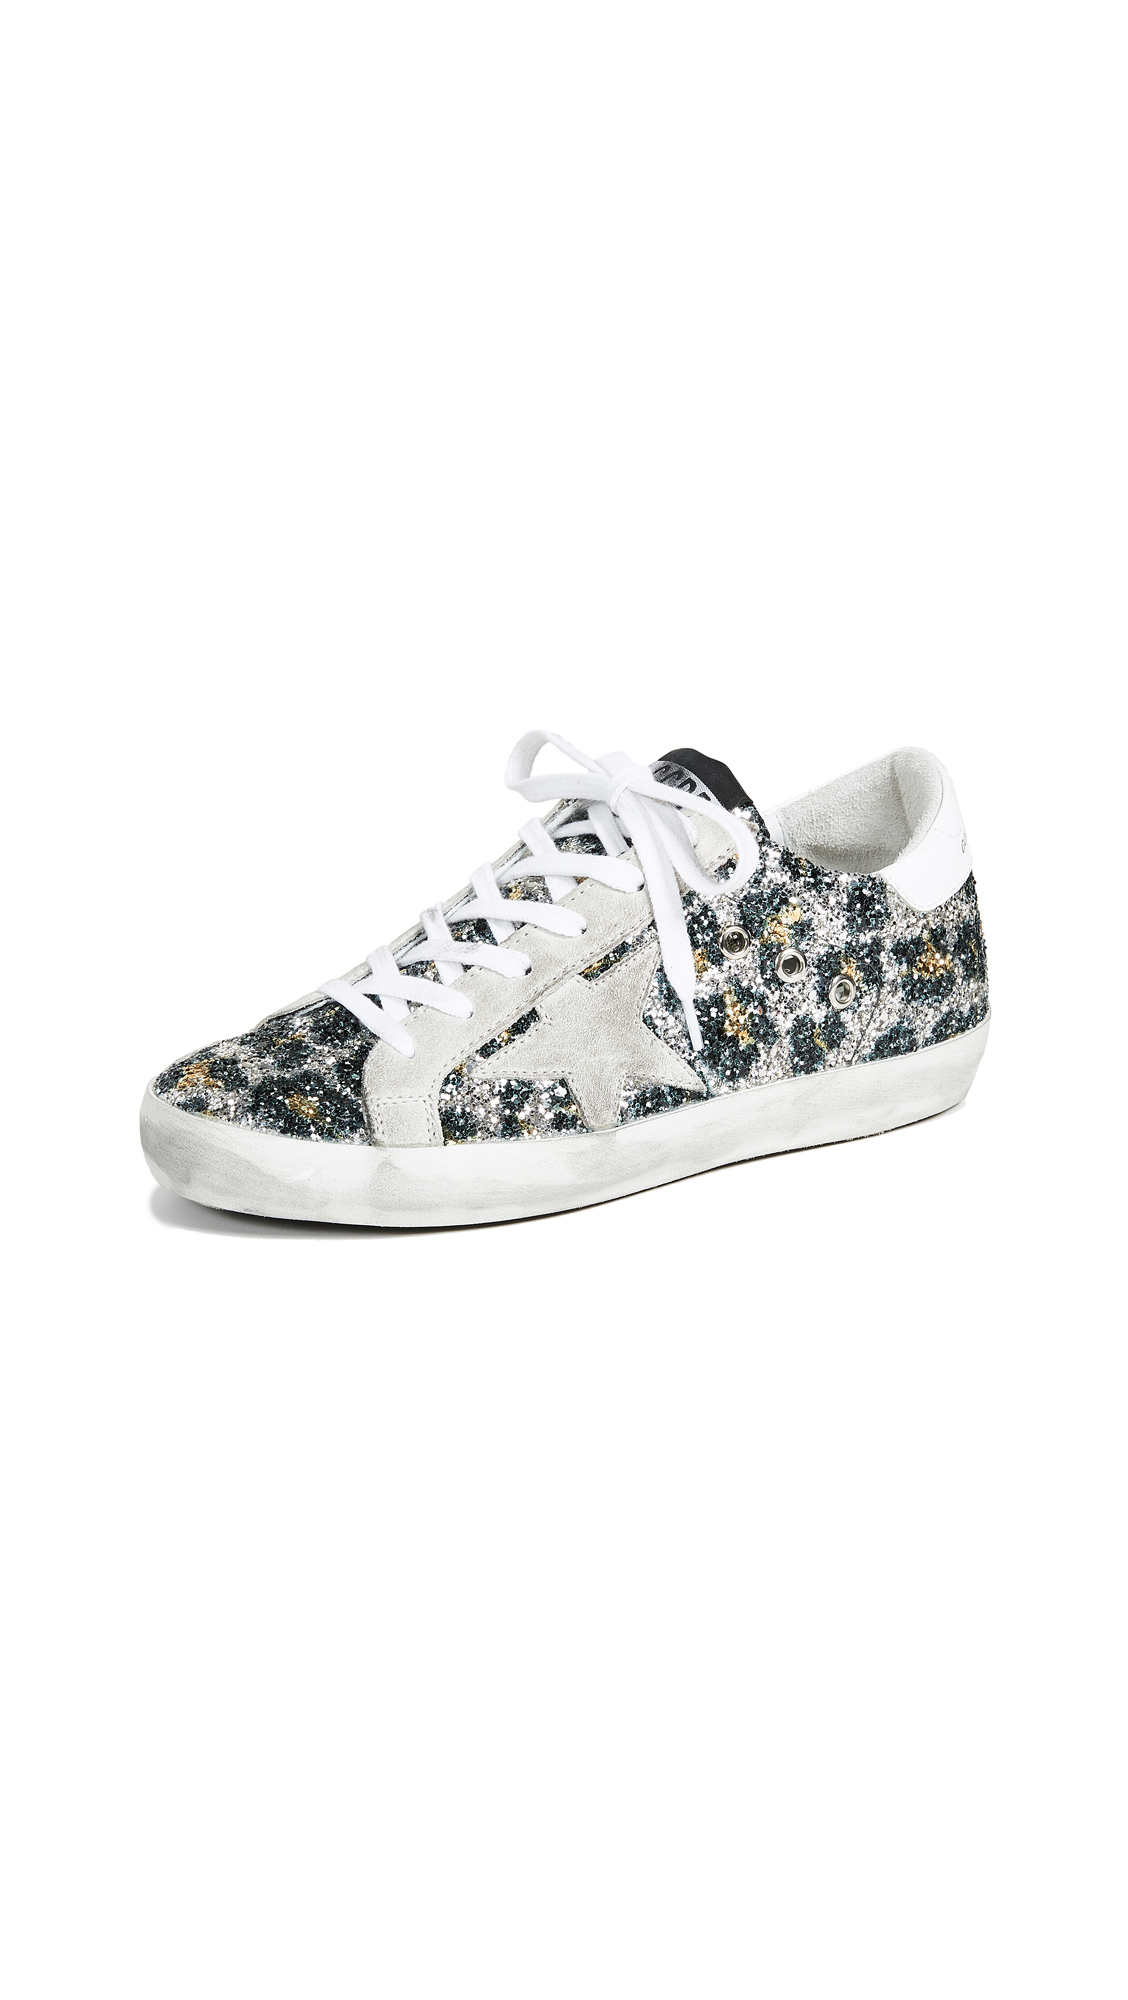 Golden Goose Superstar Sneakers - Leopard/Ice